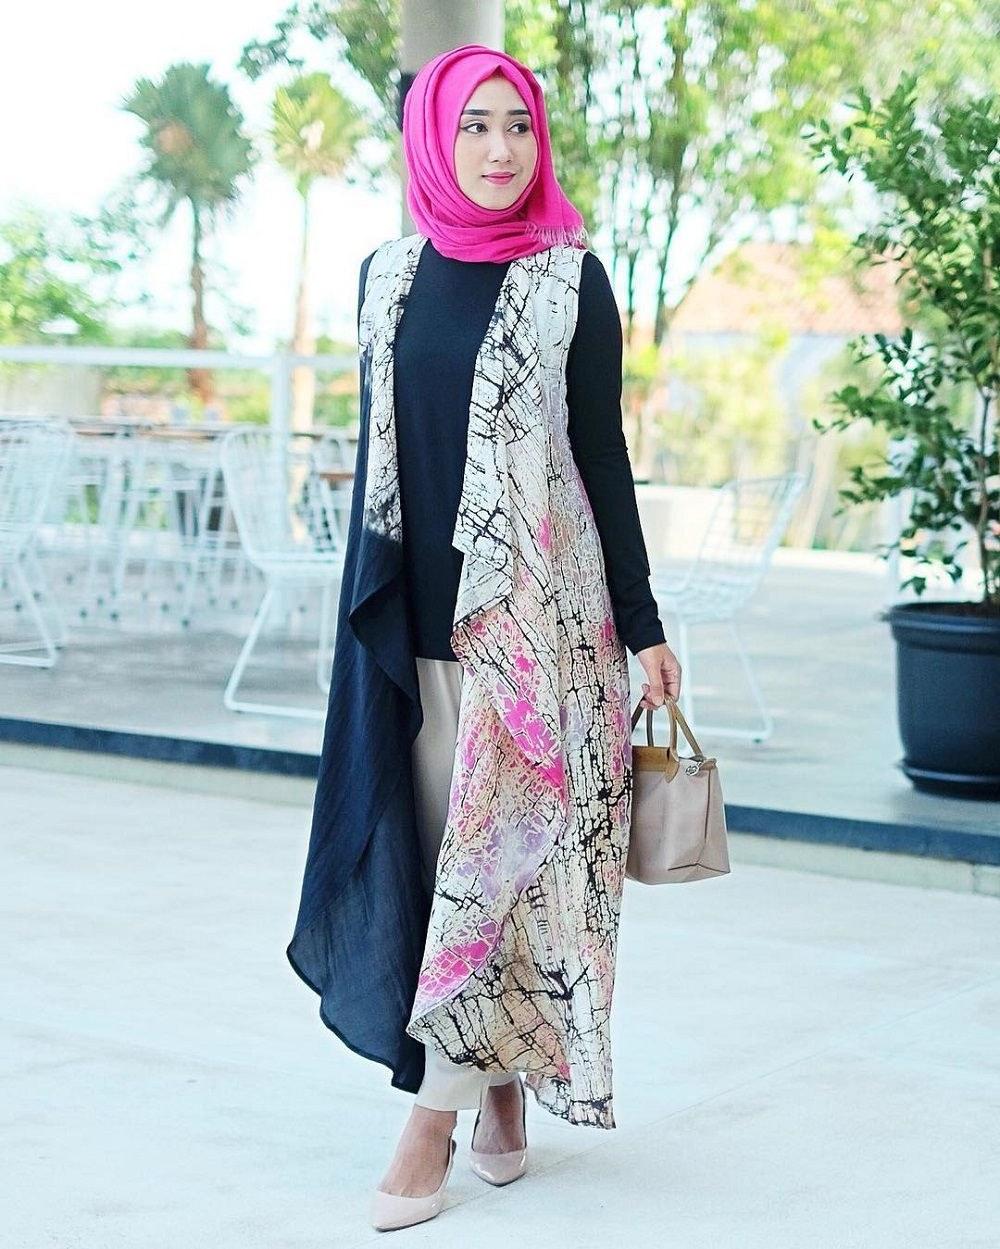 Model Model Baju Lebaran Dian Pelangi 2019 87dx Baju Muslim Dian Pelangi Di 2019